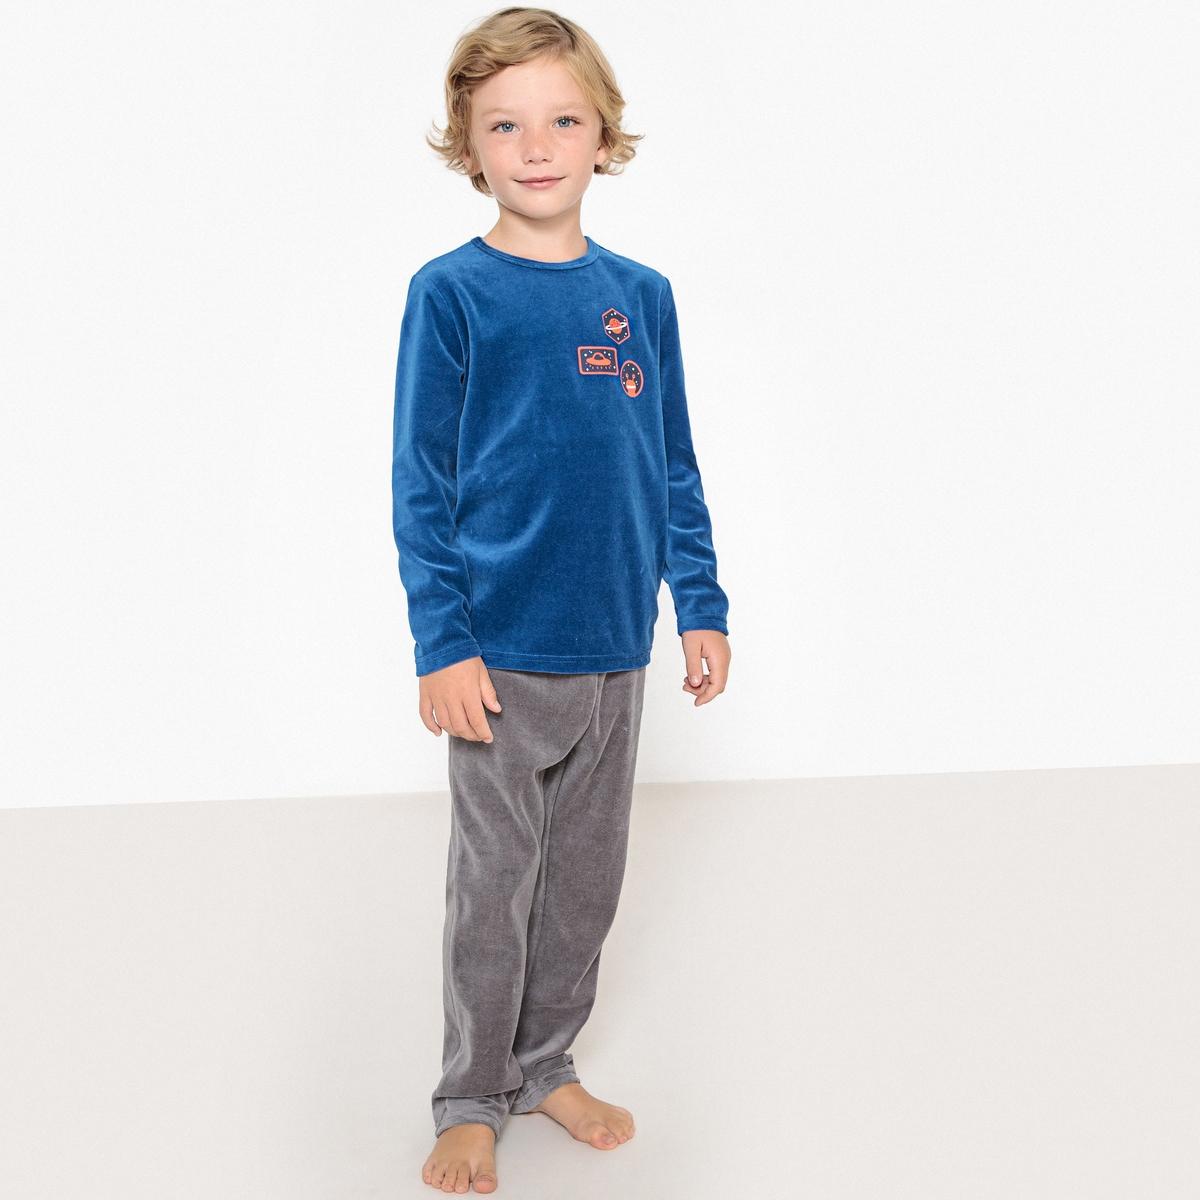 Пижама La Redoute Из велюра с длинными рукавами 3 года - 94 см синий пижама la redoute из велюра с принтом спереди мес 3 года 94 см розовый